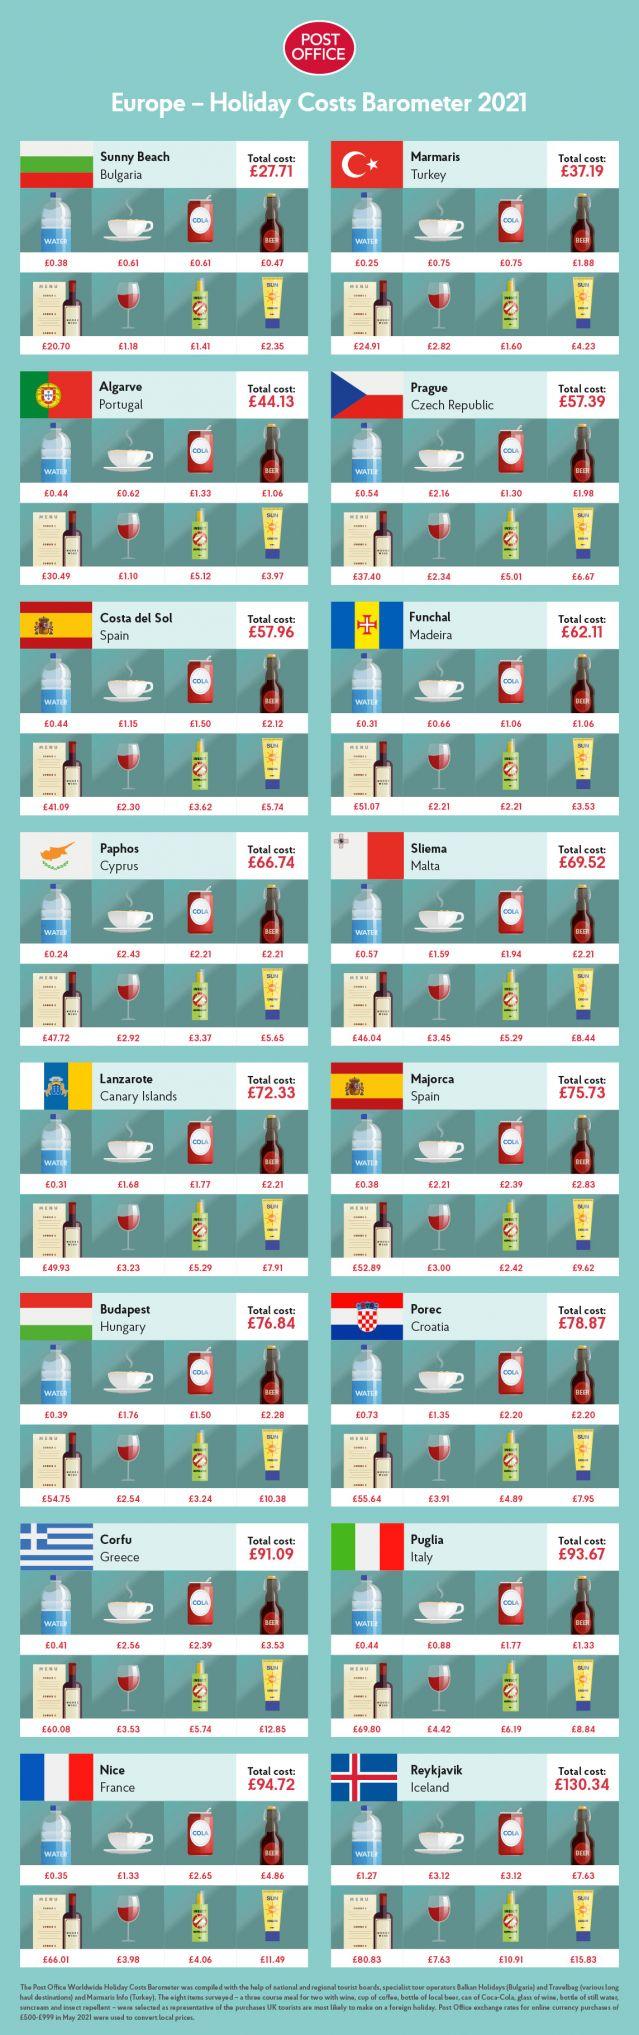 България на първо място в световна класация